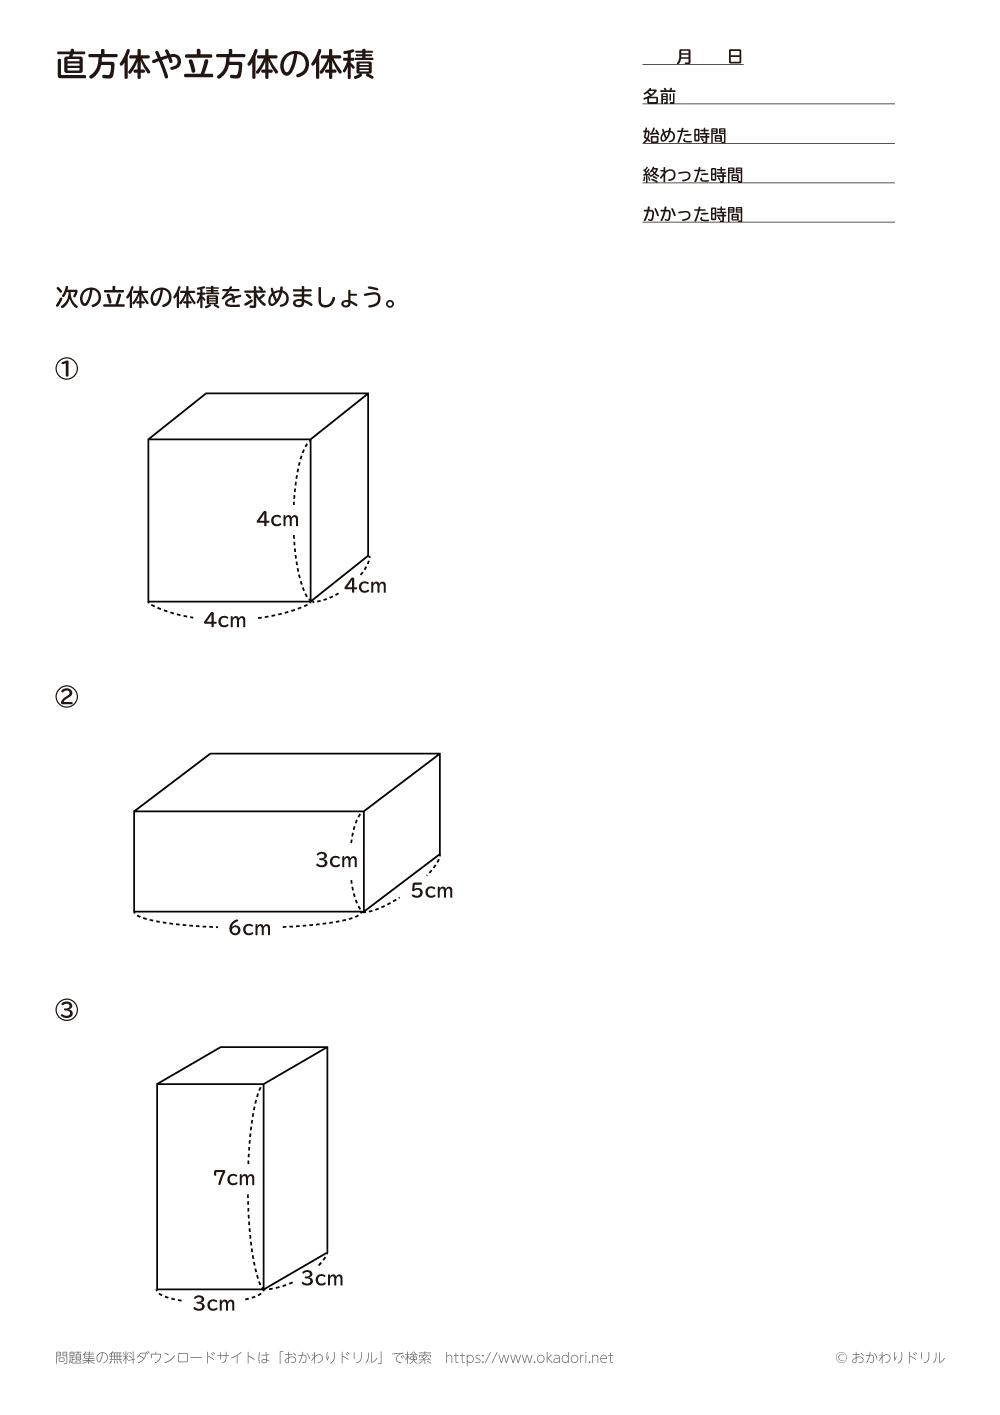 直方体や立方体の体積1